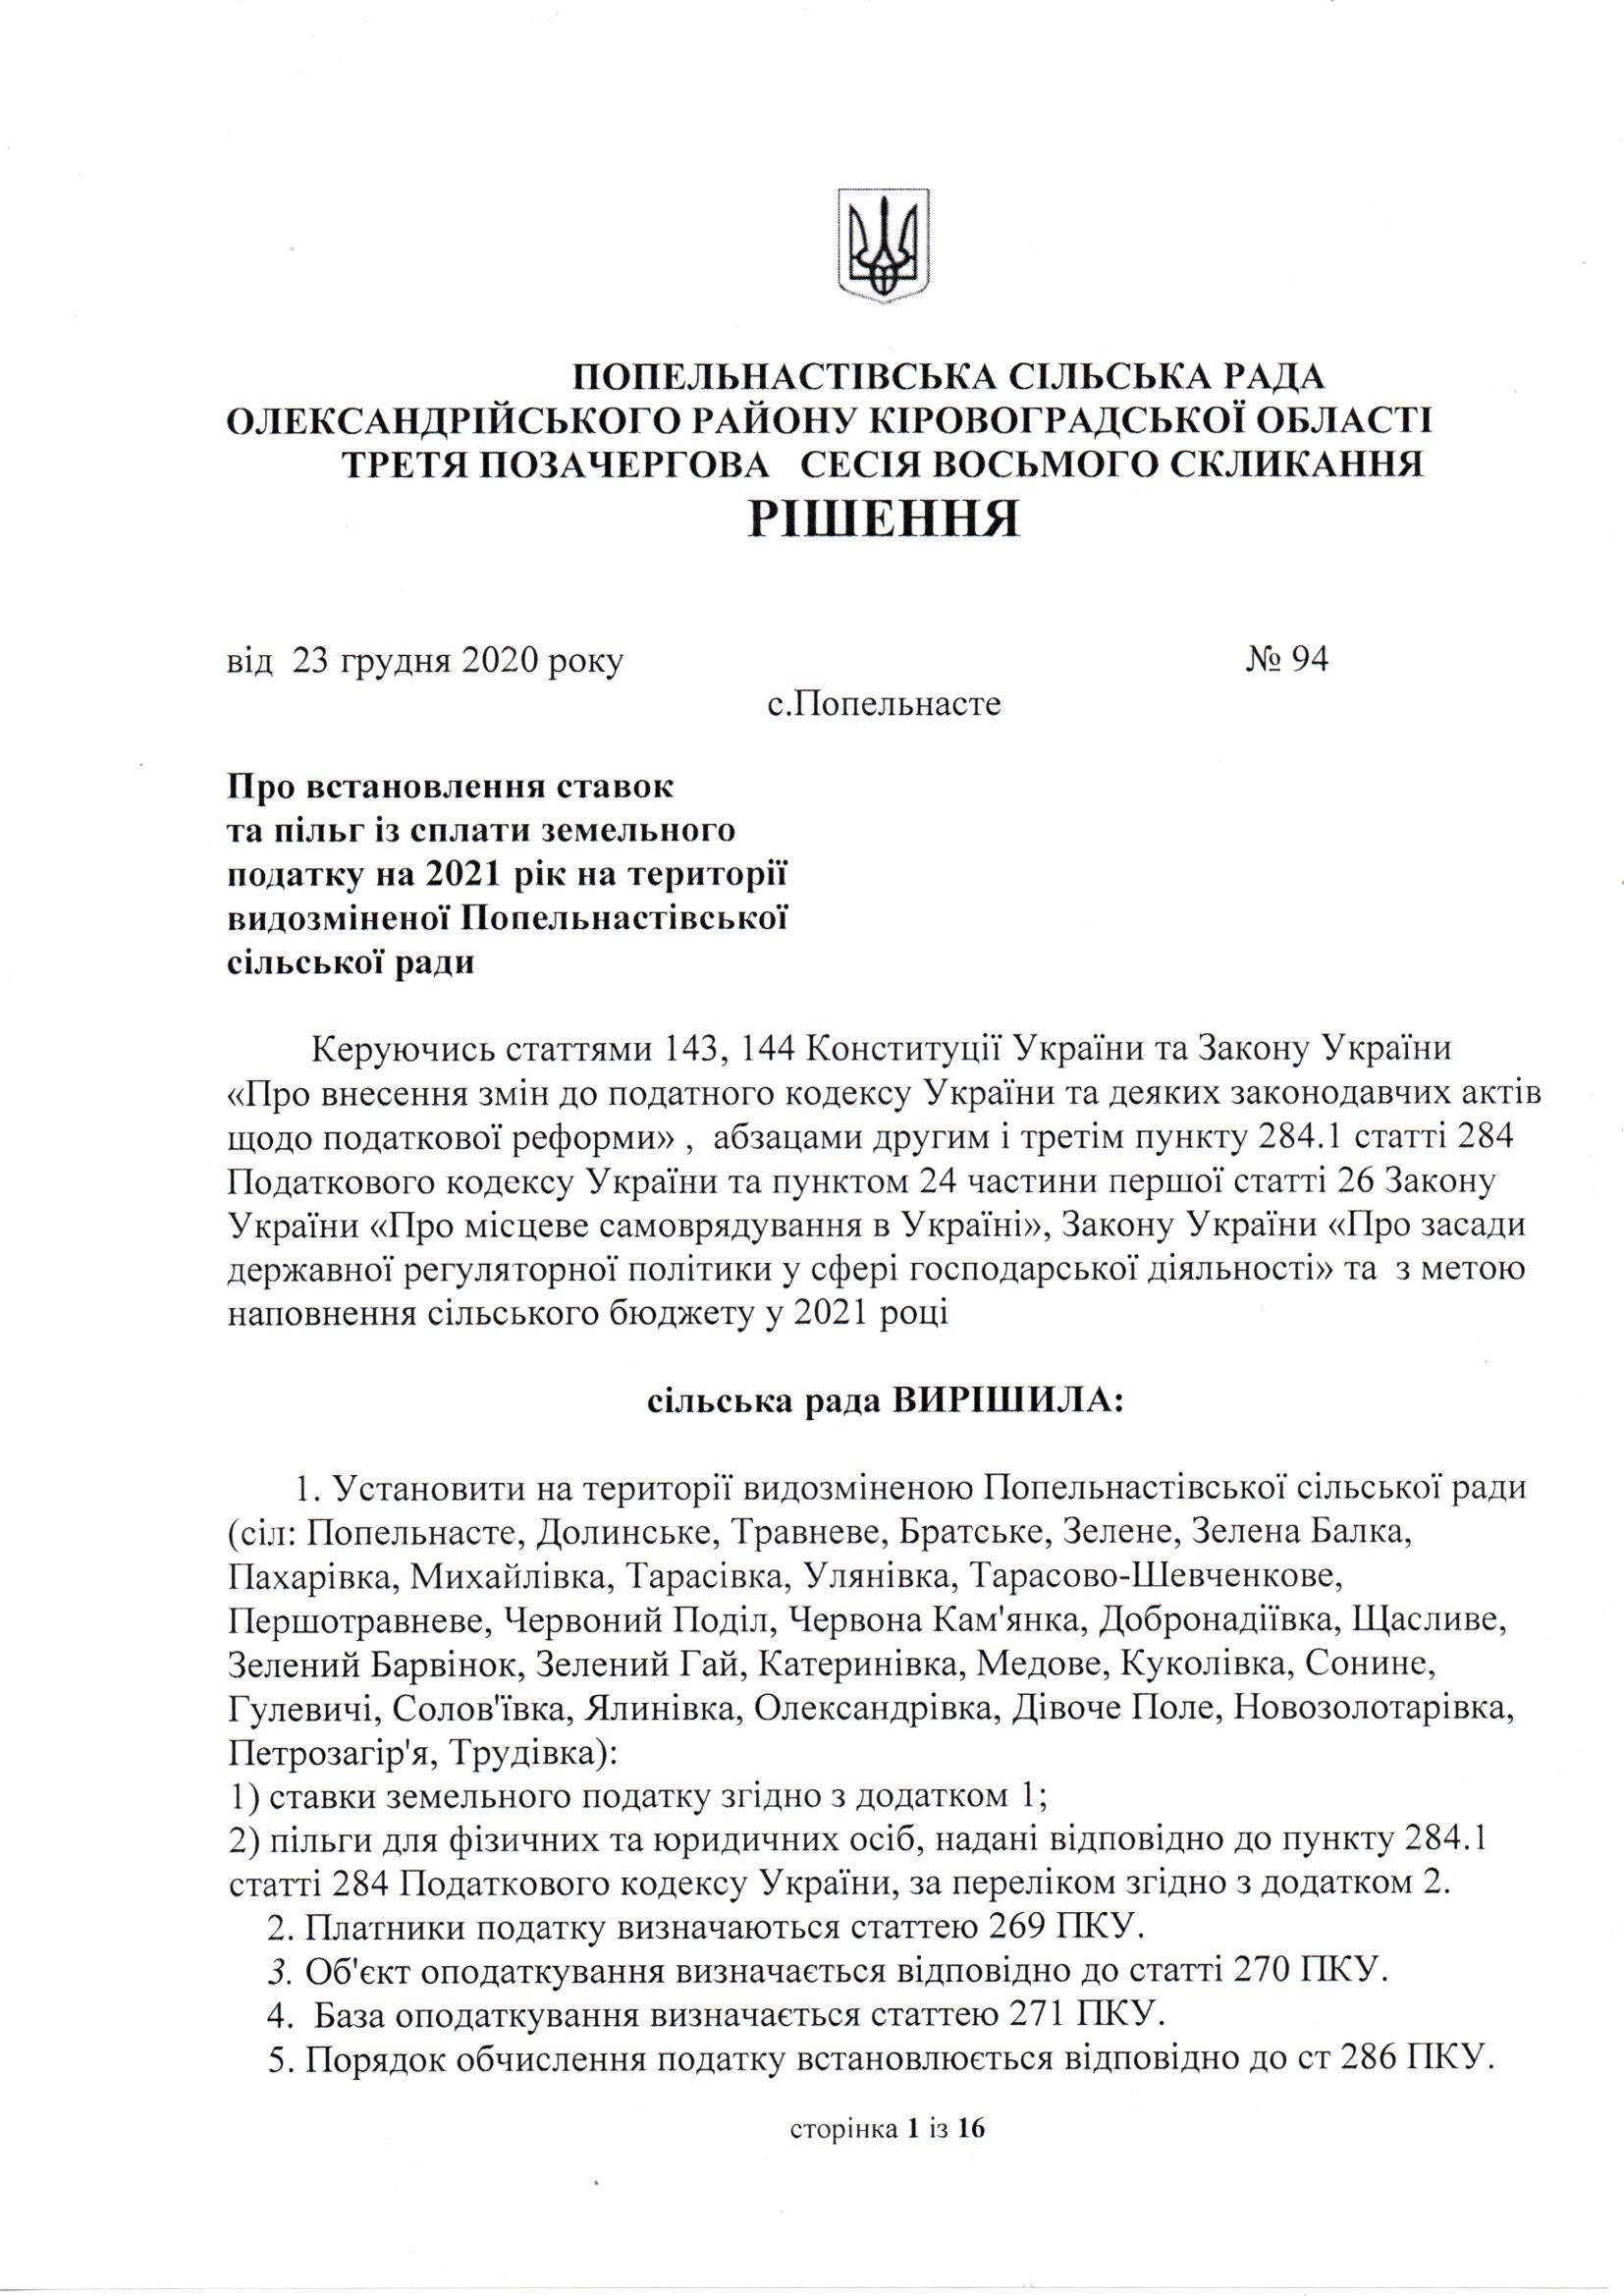 Рішення третьої позачергової сесії восьмого скликання № 94 від 23 грудня 2020 року